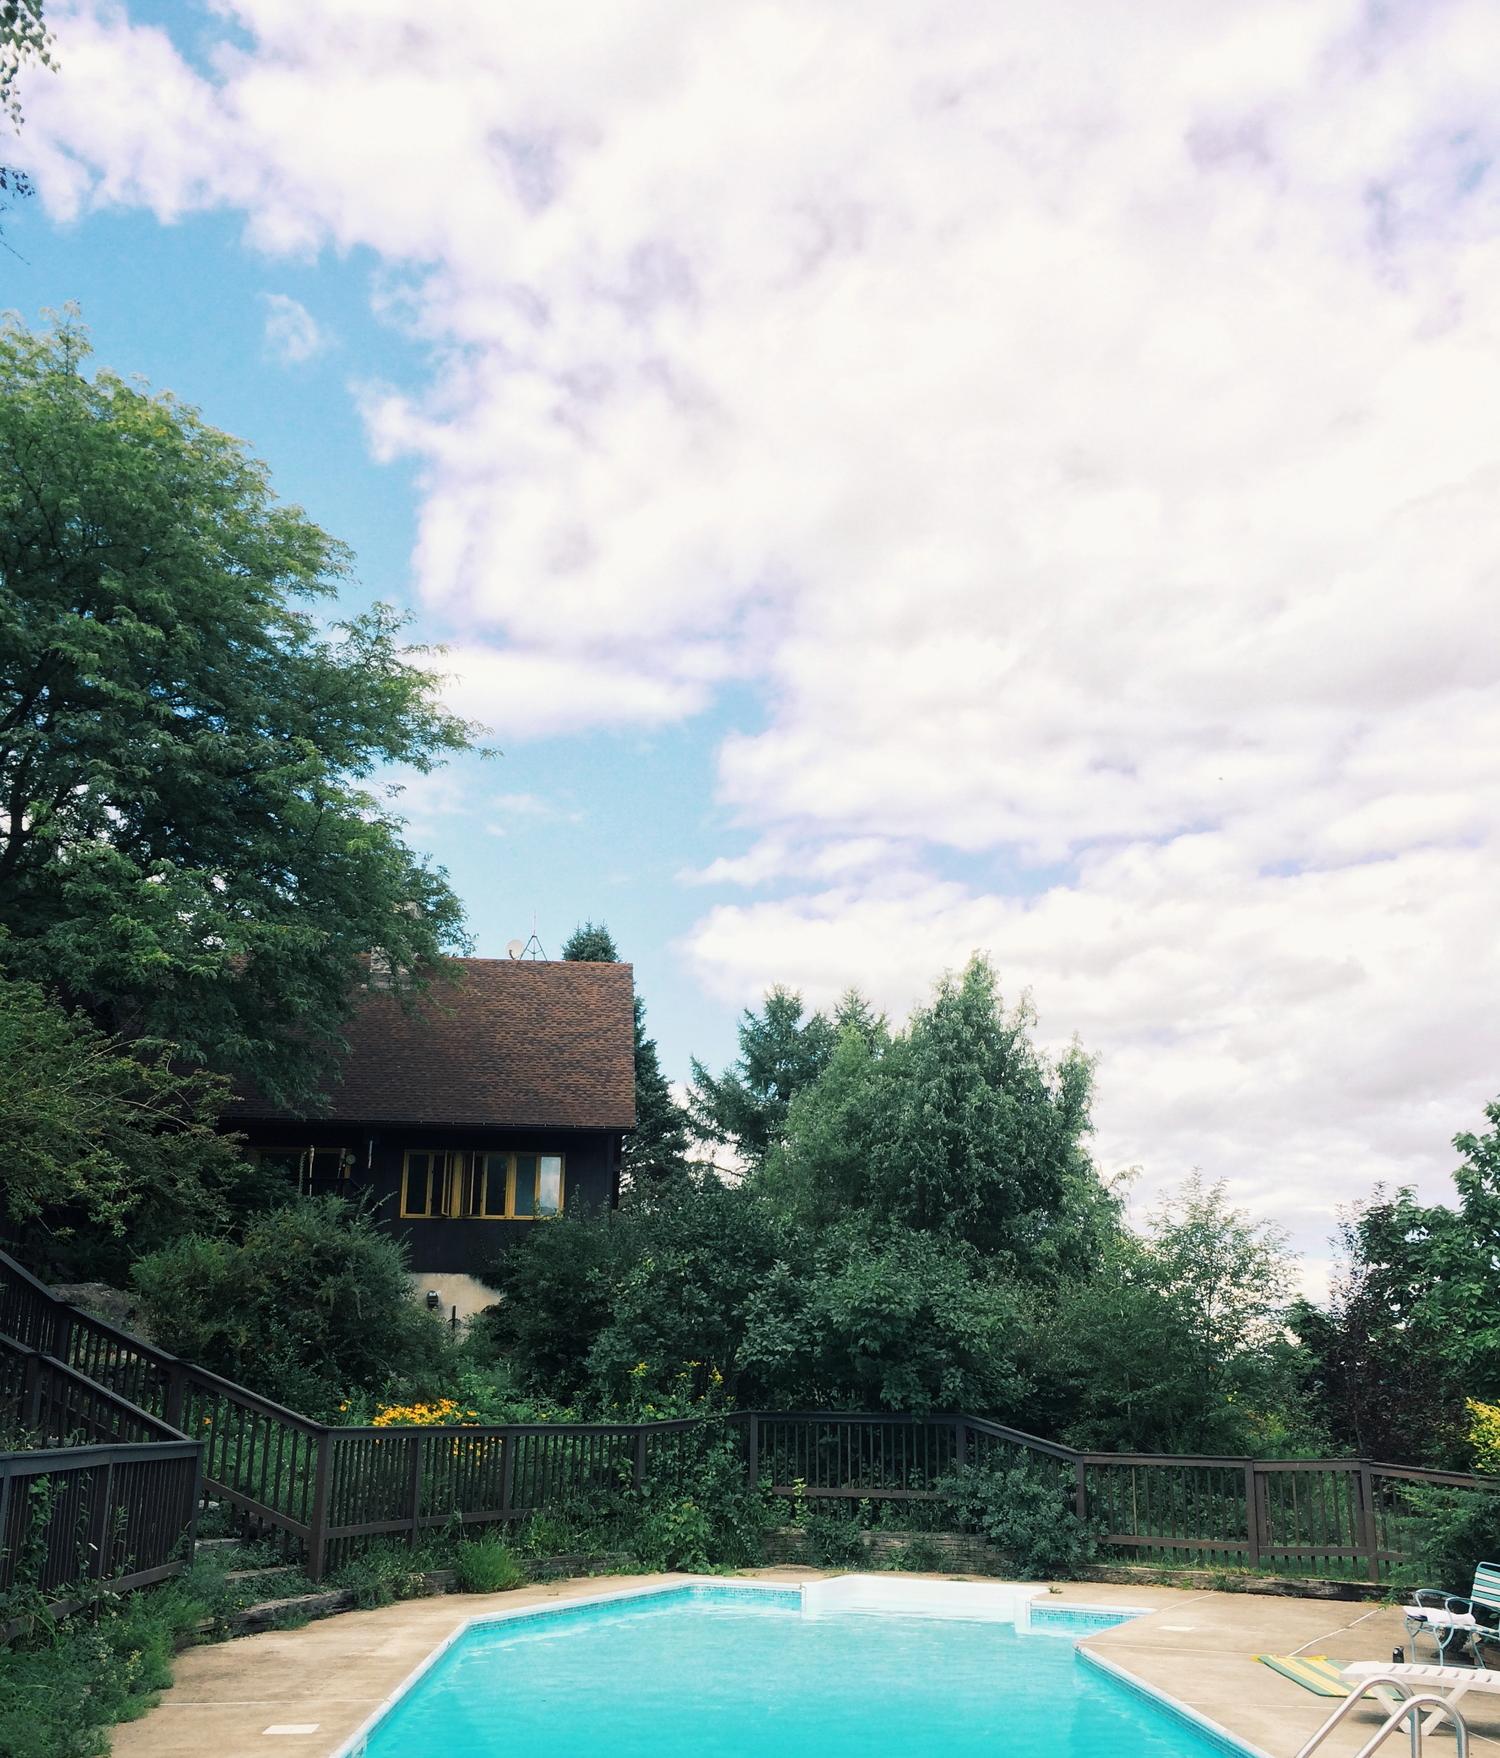 copake-house-pool.jpg